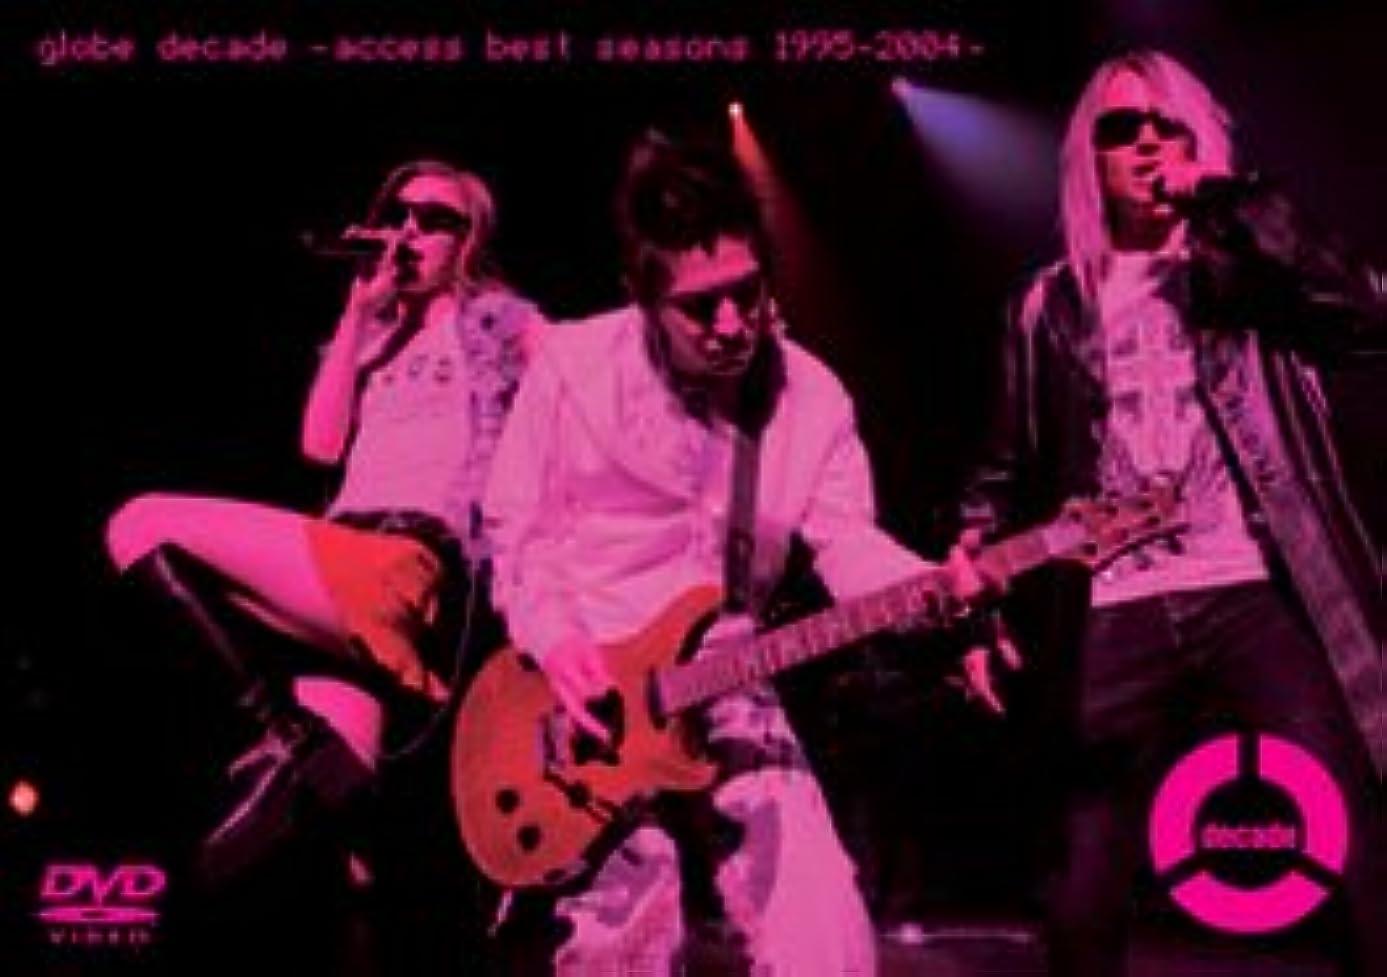 図泣き叫ぶセンサーglobe decade-access best seasons 1995-2004- [DVD]